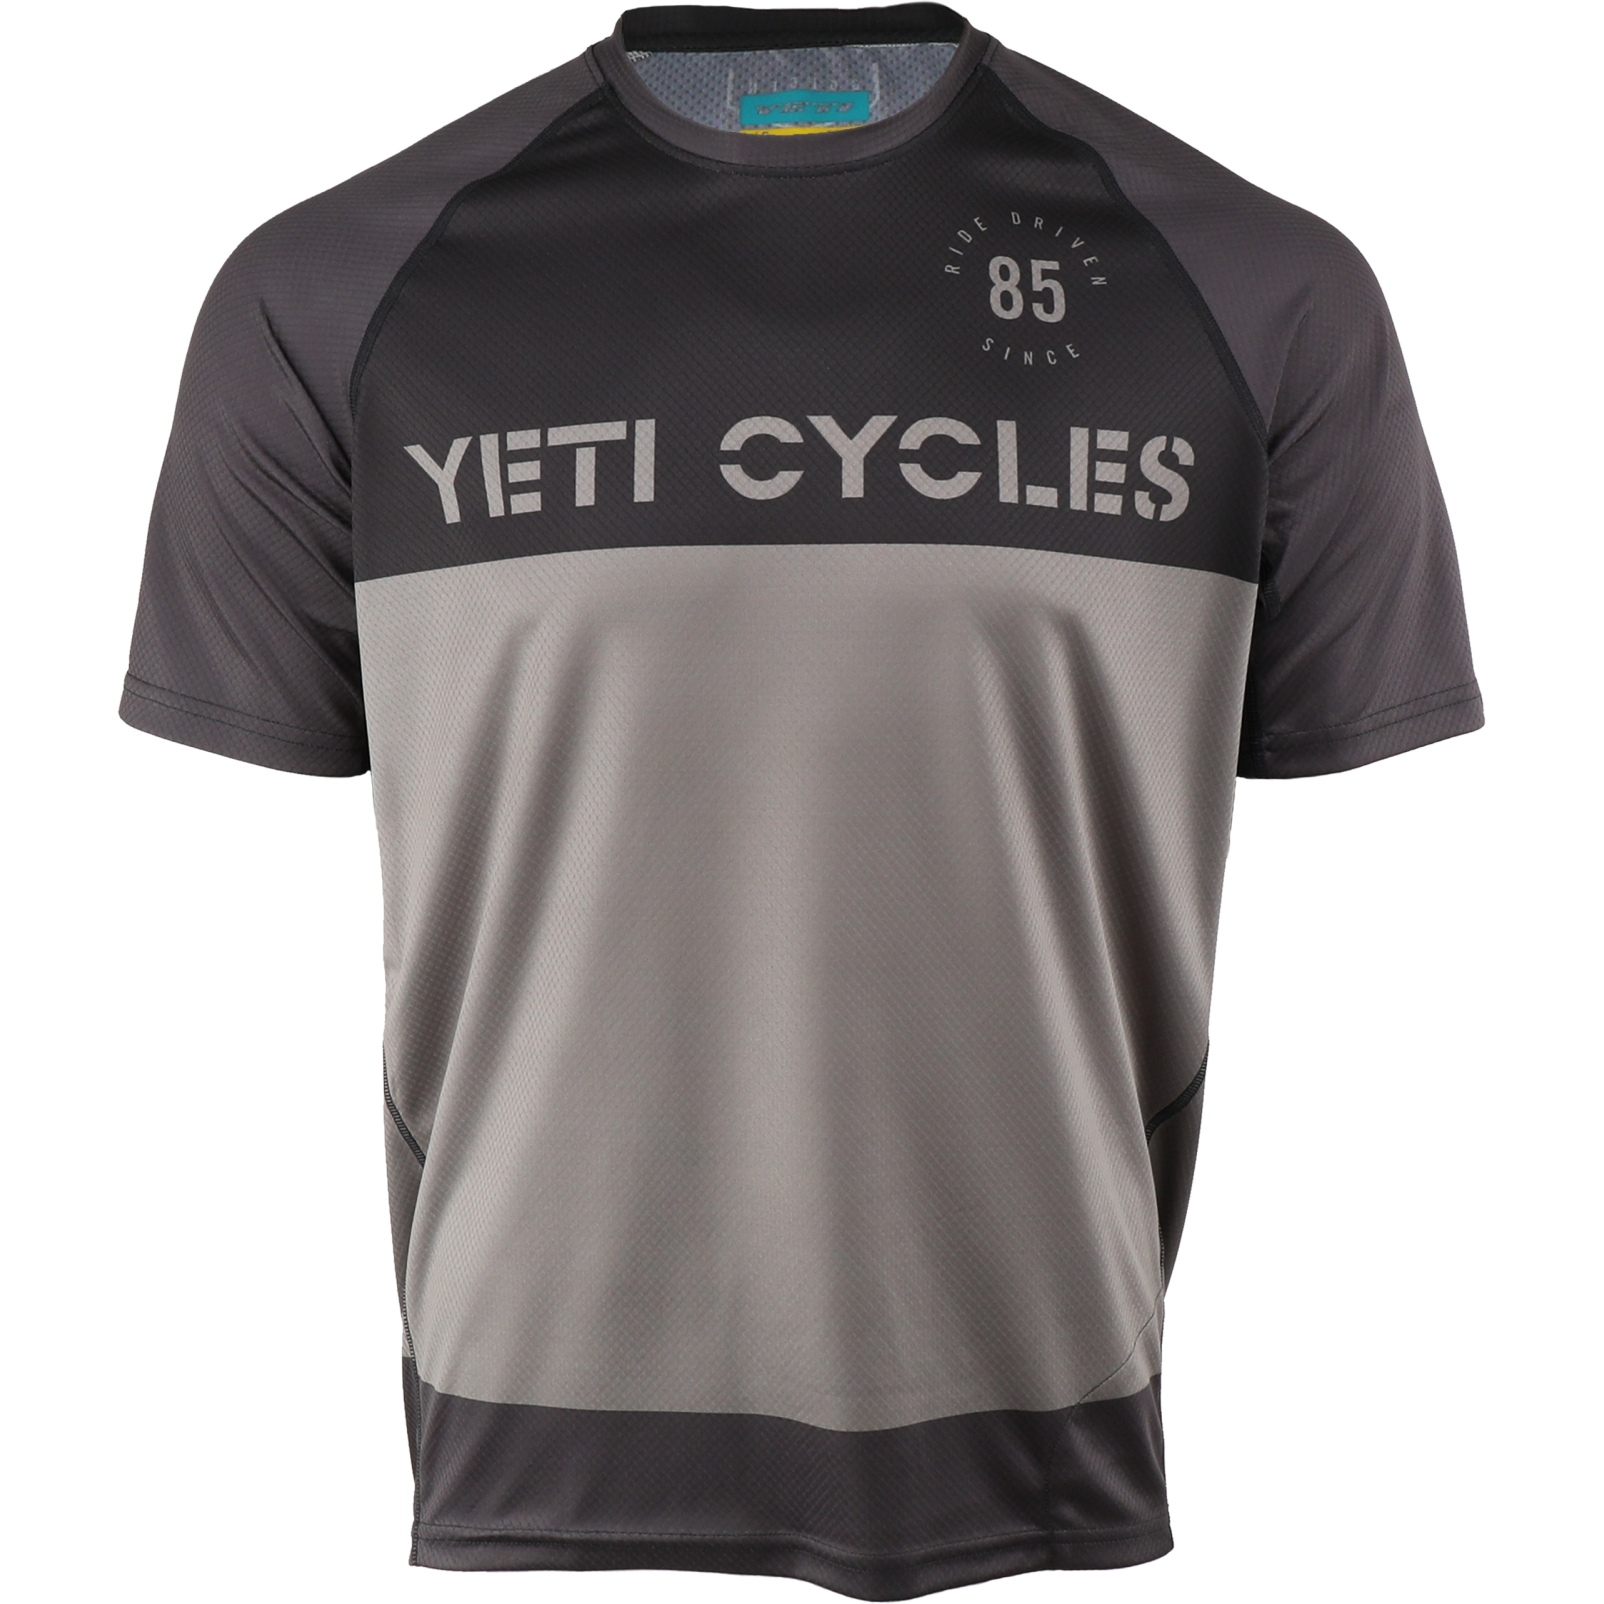 Yeti Cycles Longhorn Trikot - Phantom/Slate